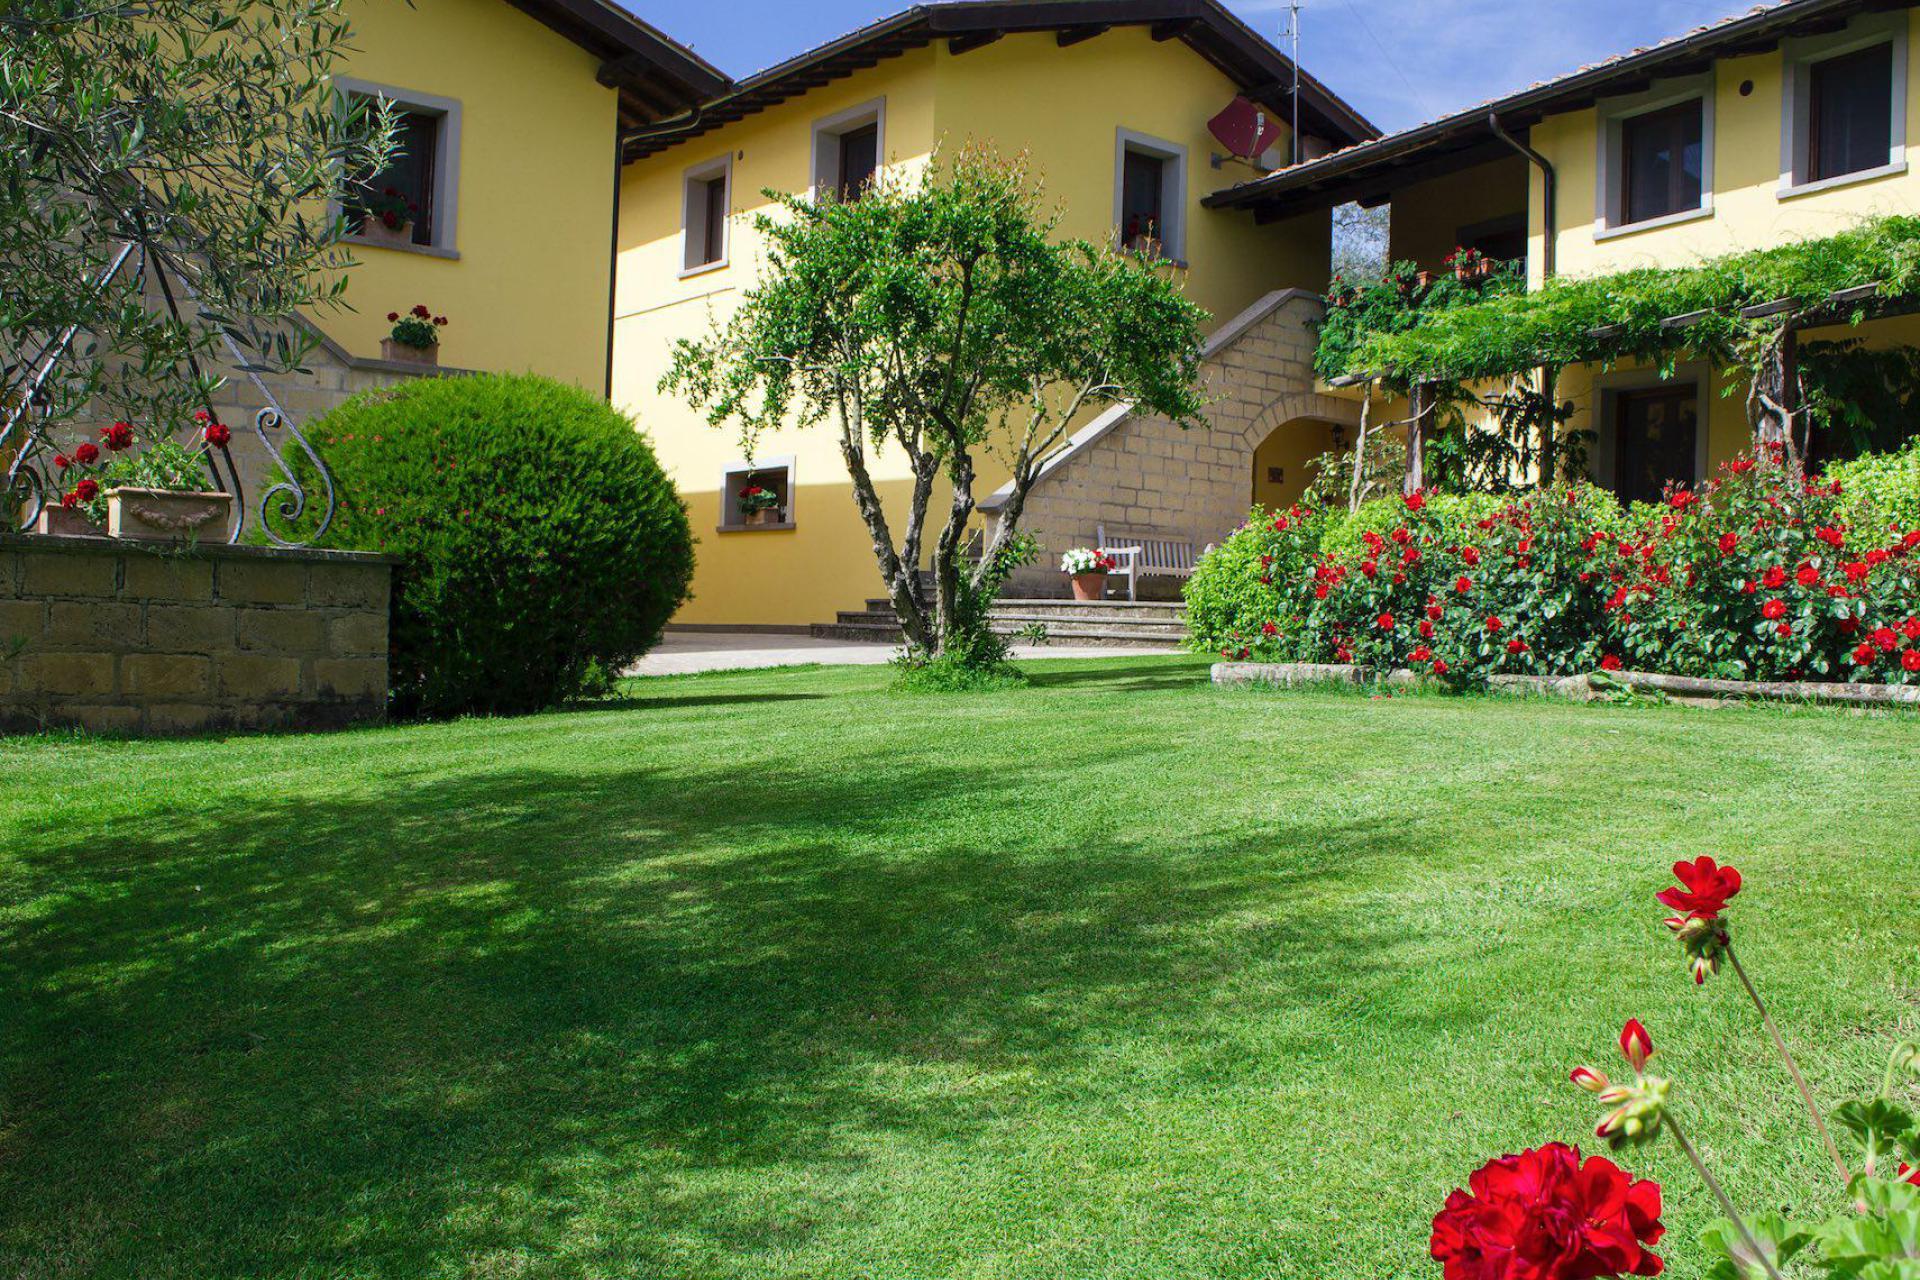 Agriturismo Toskana Agriturismo Toskana, mit komfortablen Ferienwohnungen